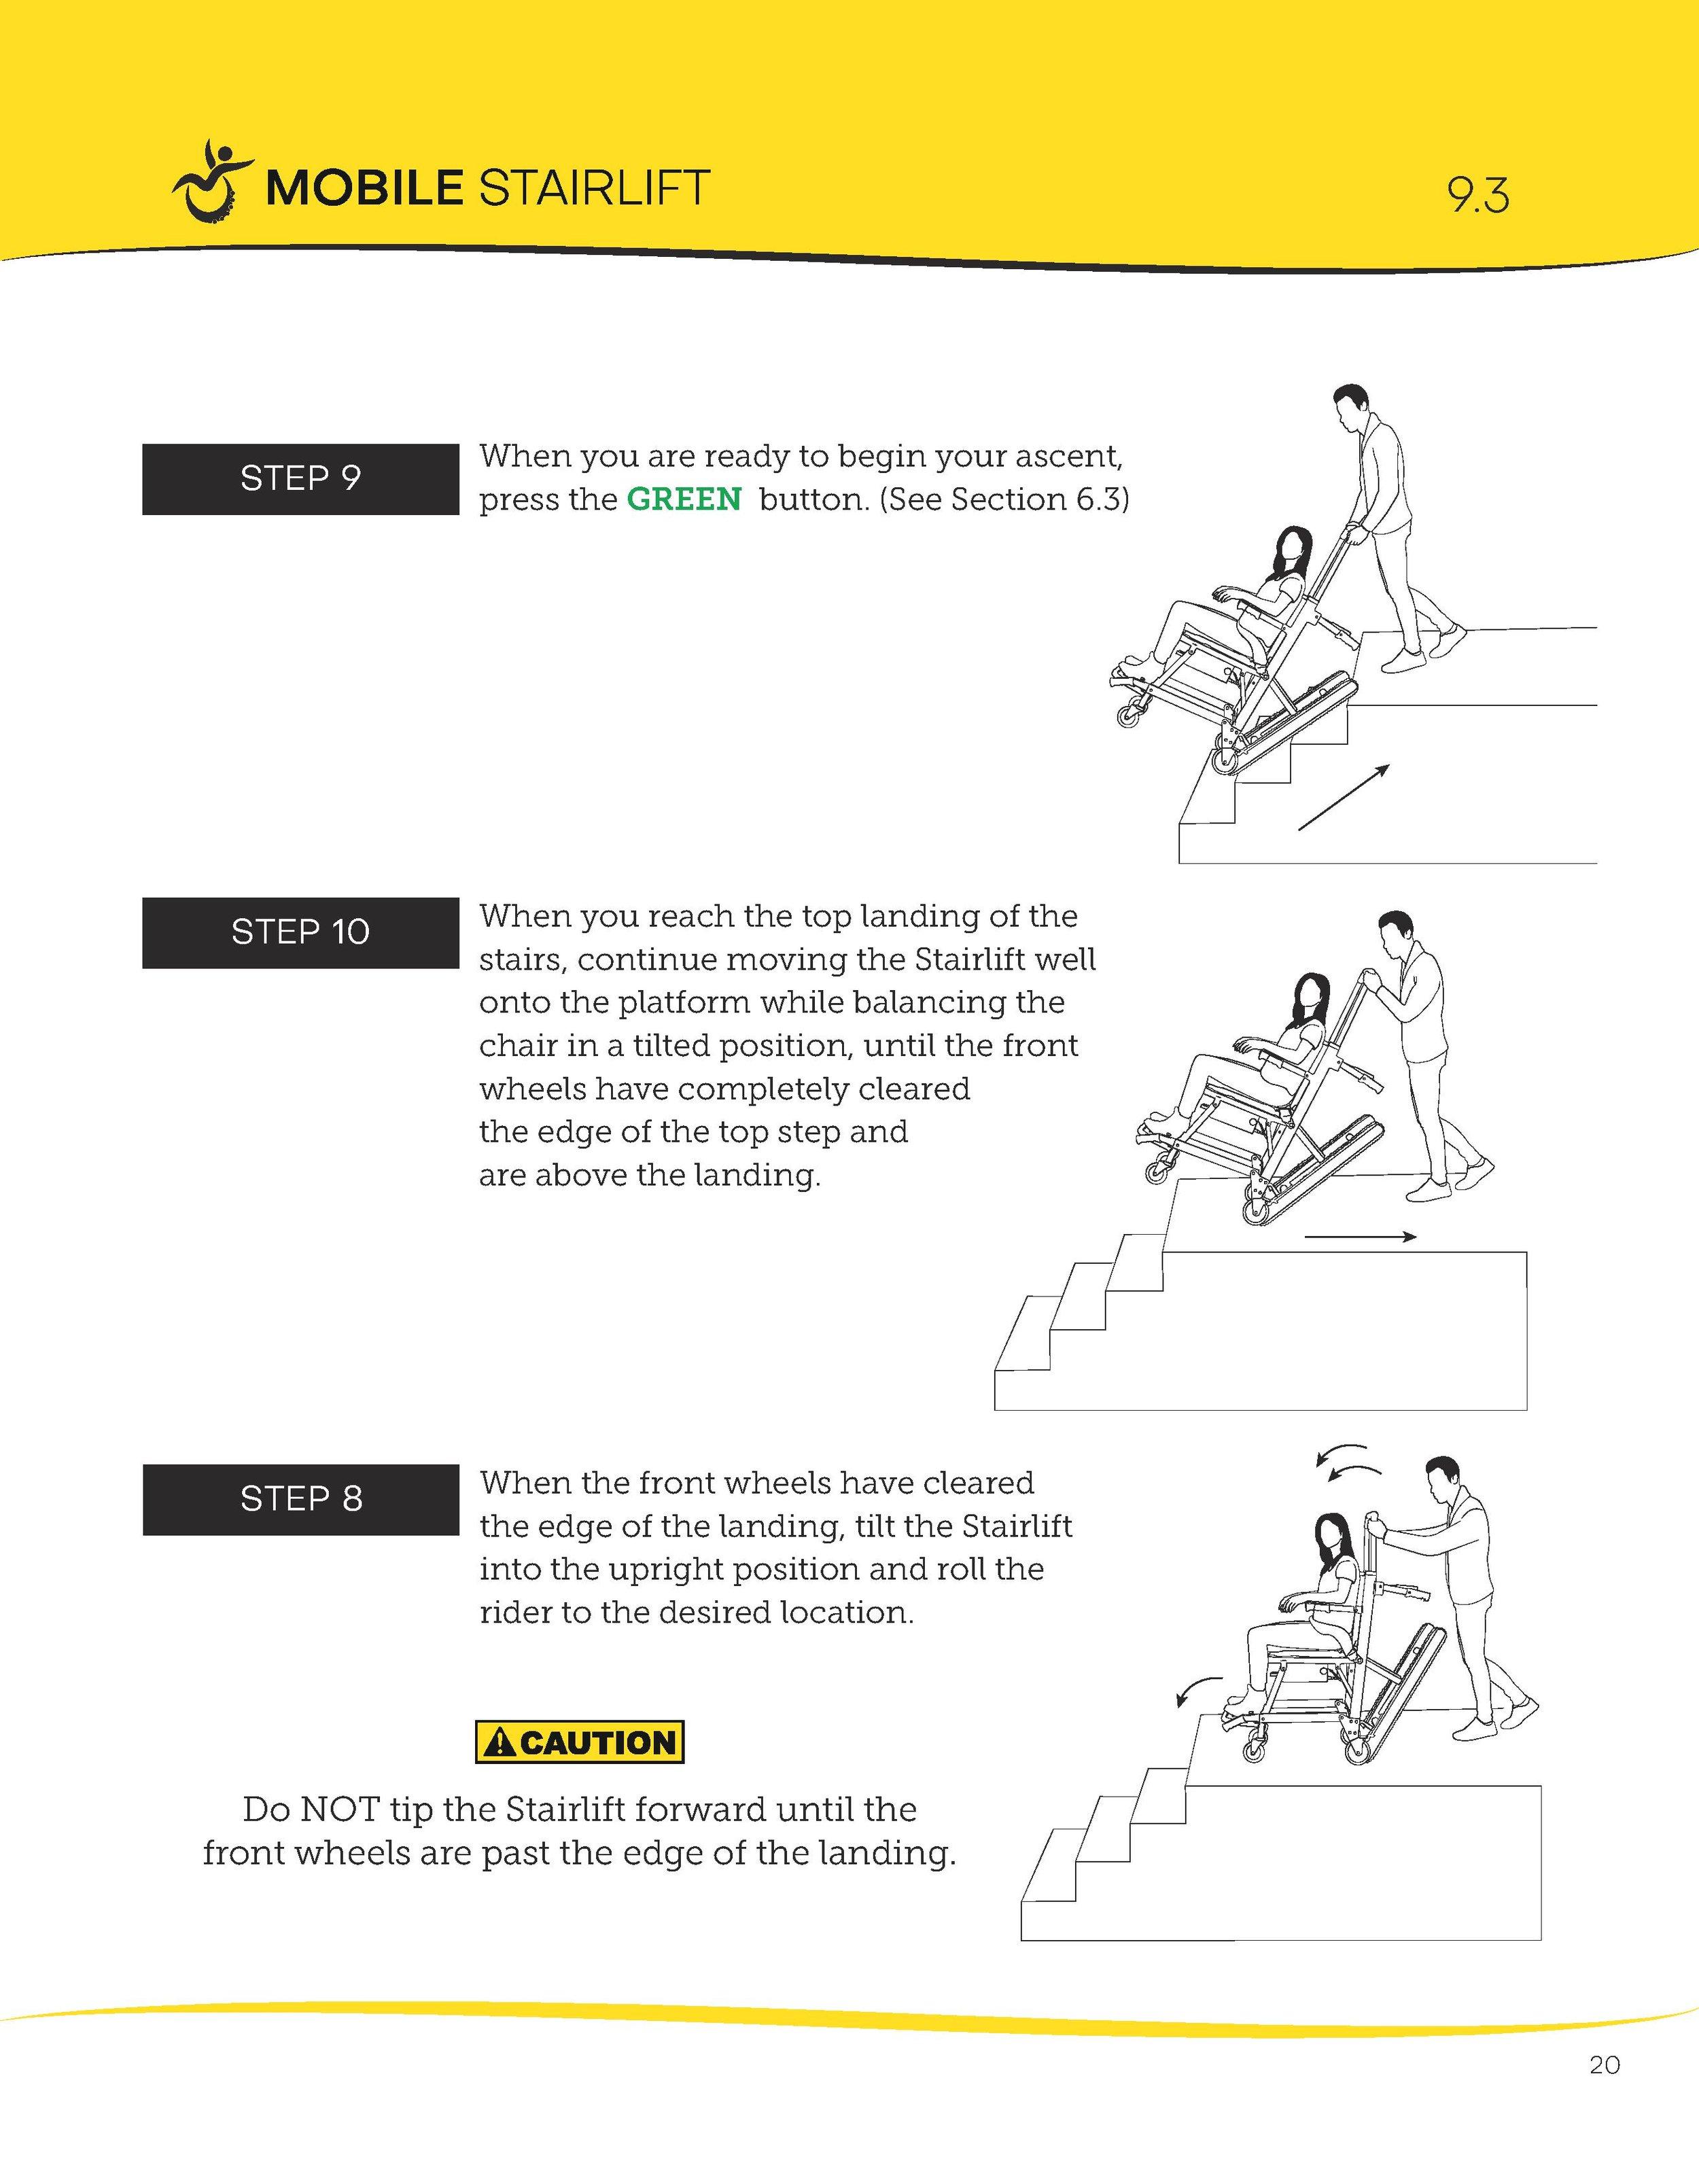 Mobile Stairlift Instruction Manual-21.jpg